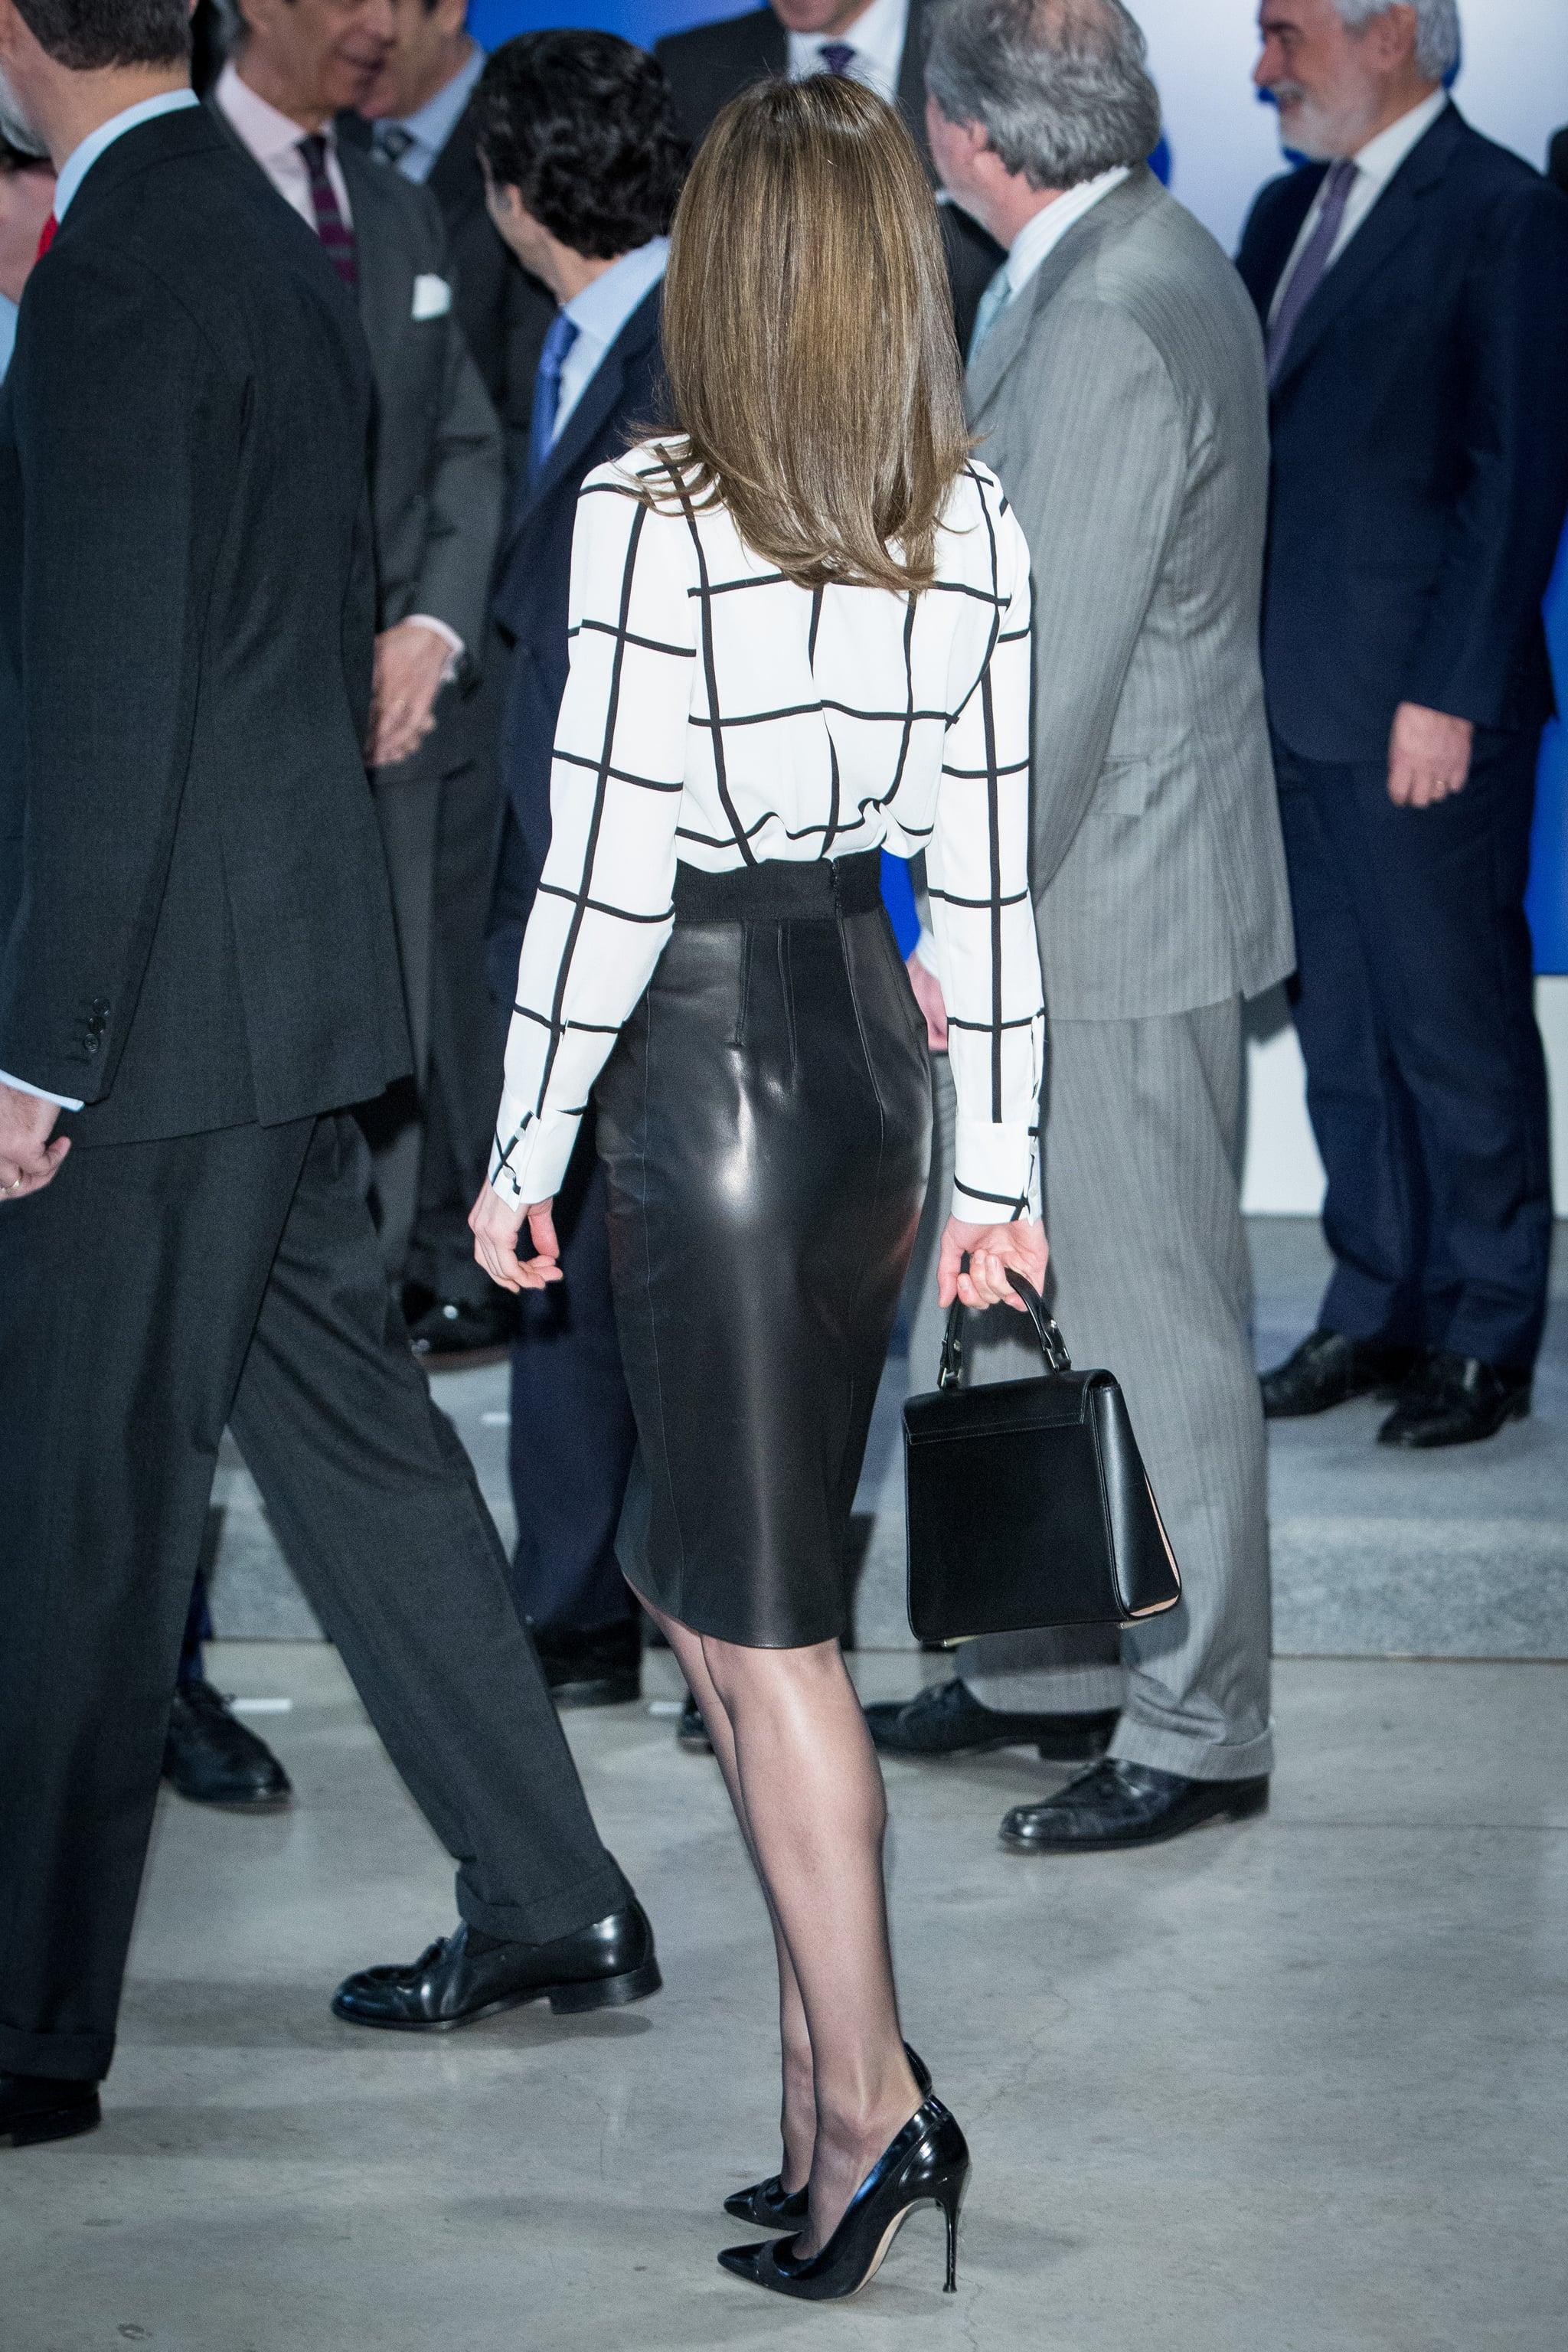 Queen-Letizia-Leather-Skirt-February-2017.jpg